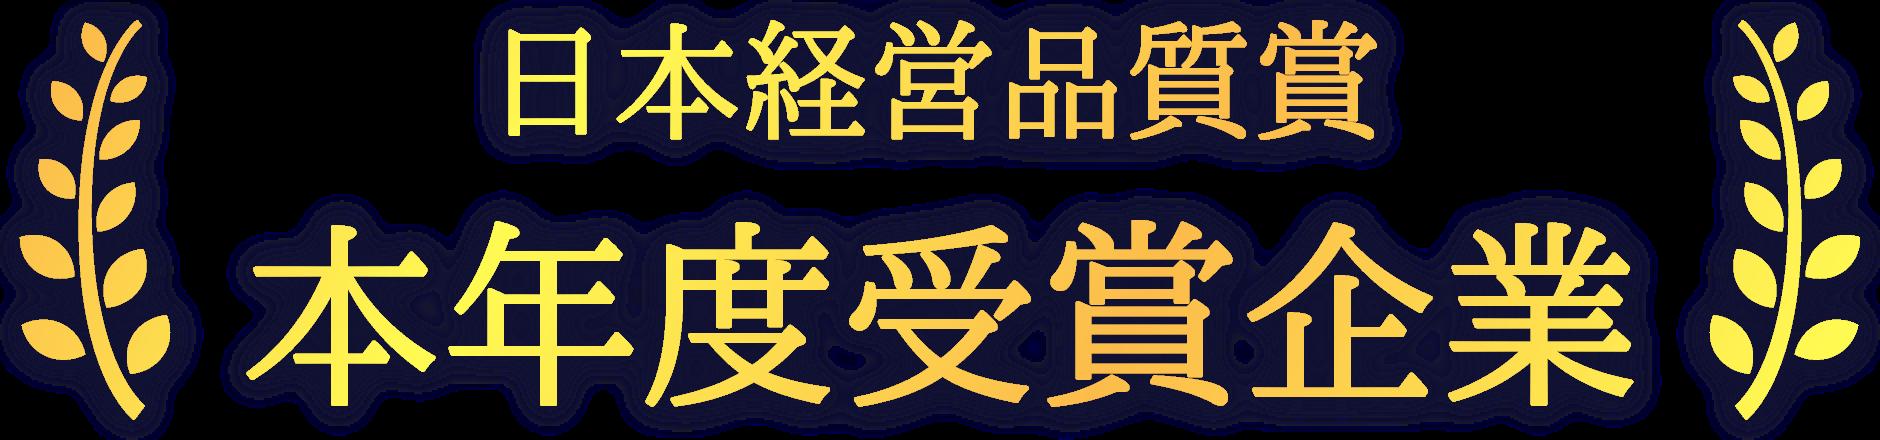 日本経営品質賞 本年度受賞企業